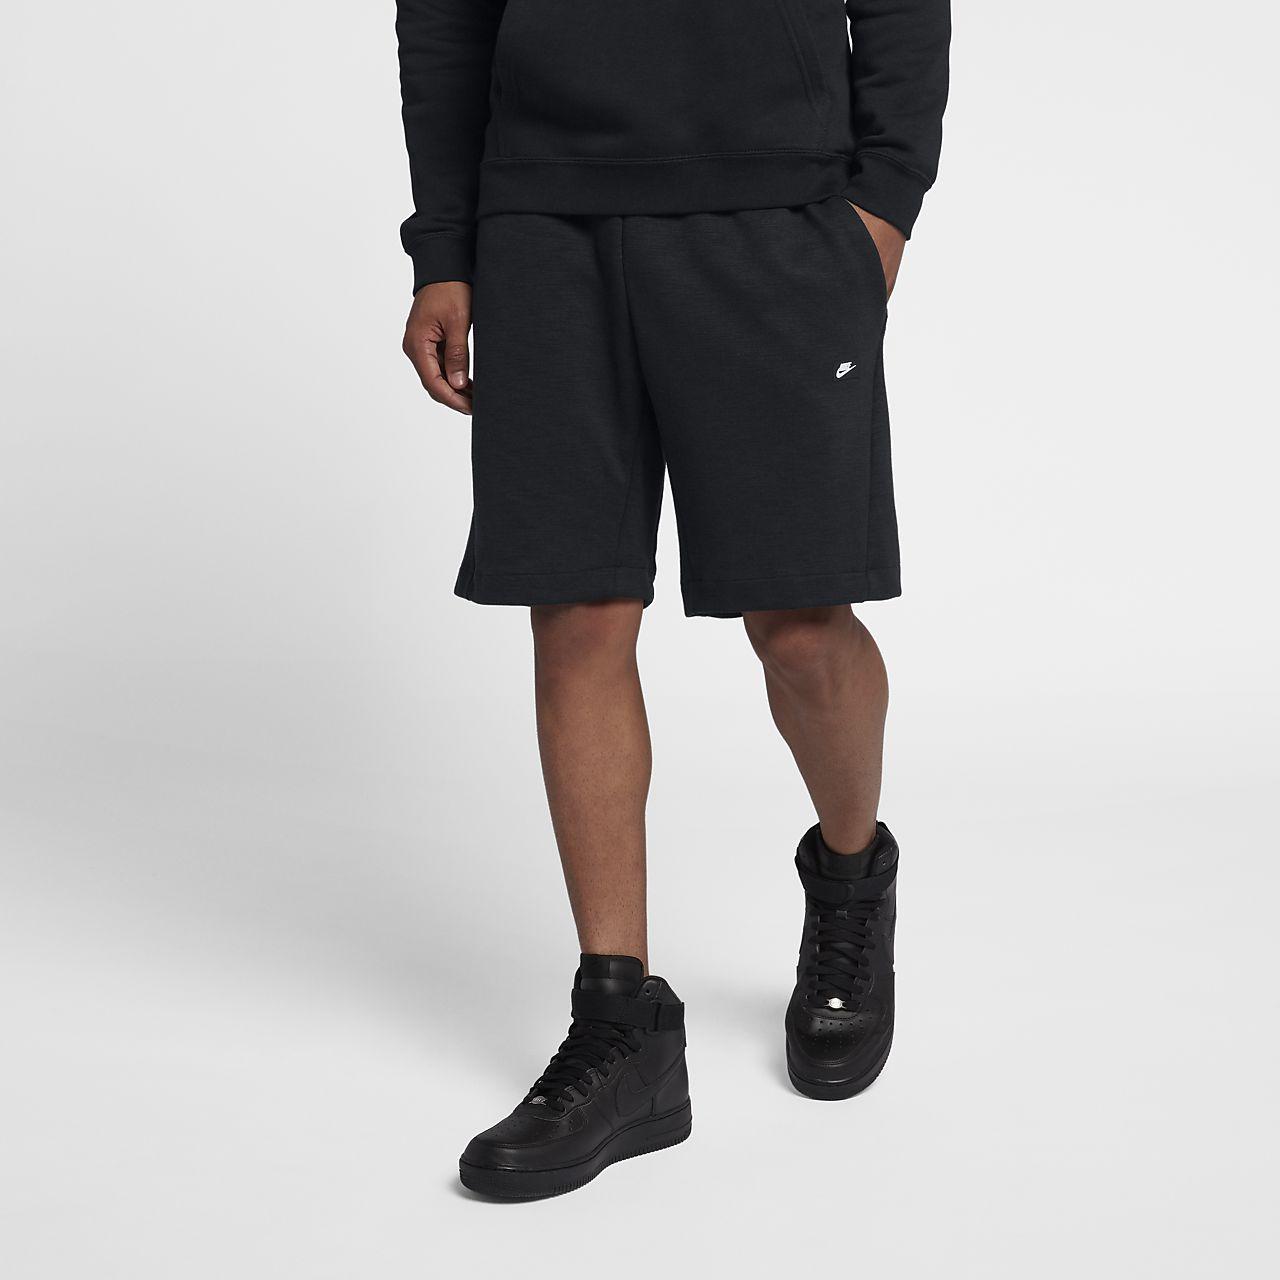 Shorts Nike Sportswear Optic för män